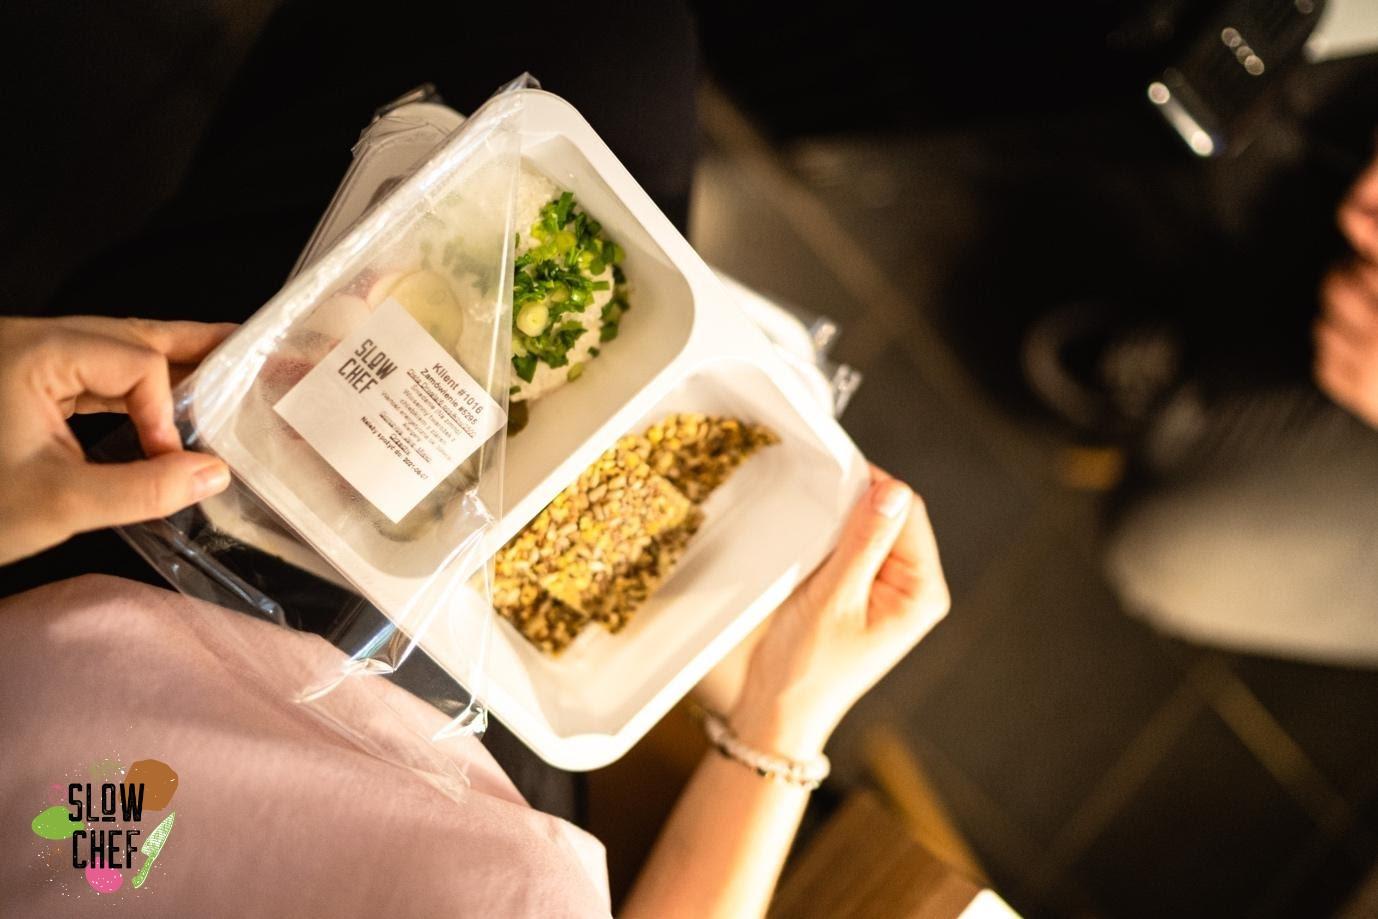 jak podgrzać catering, dieta pudełkowa slow chef szczecin